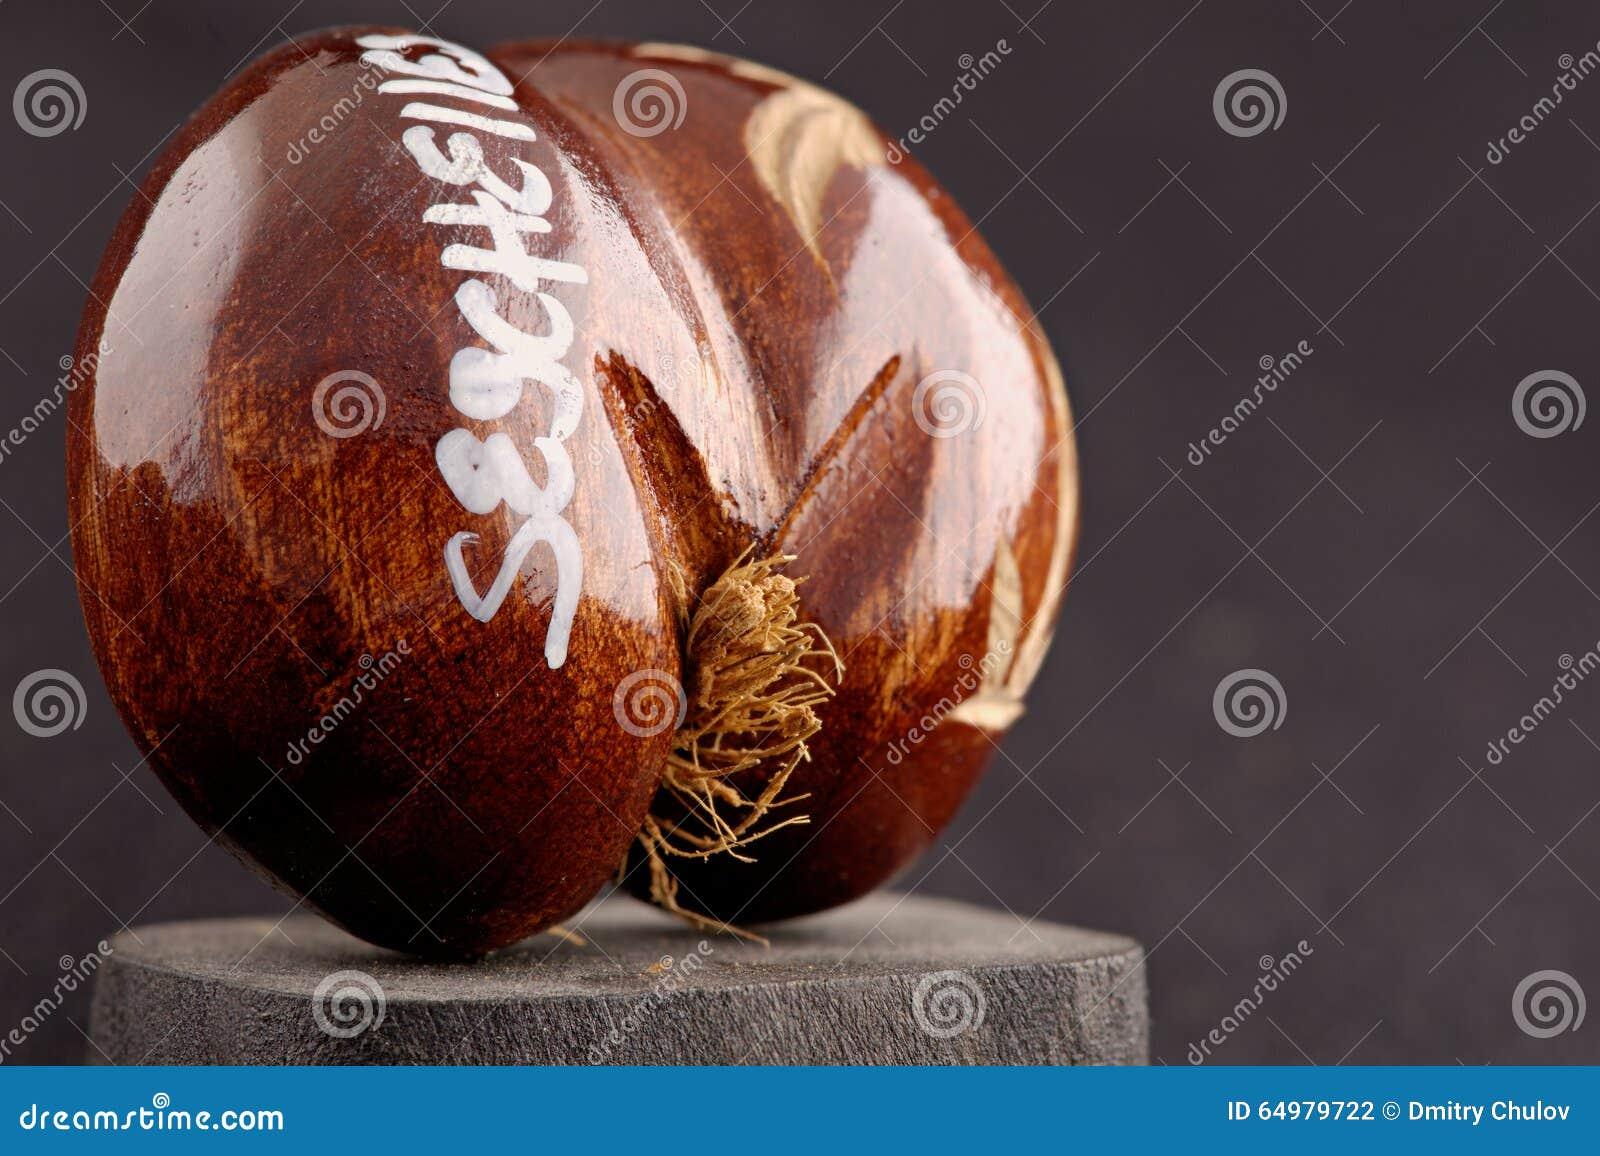 Καρύδες της θάλασσας των Σεϋχελλών (coco de mer) - αρχικό αναμνηστικό από τις Σεϋχέλλες